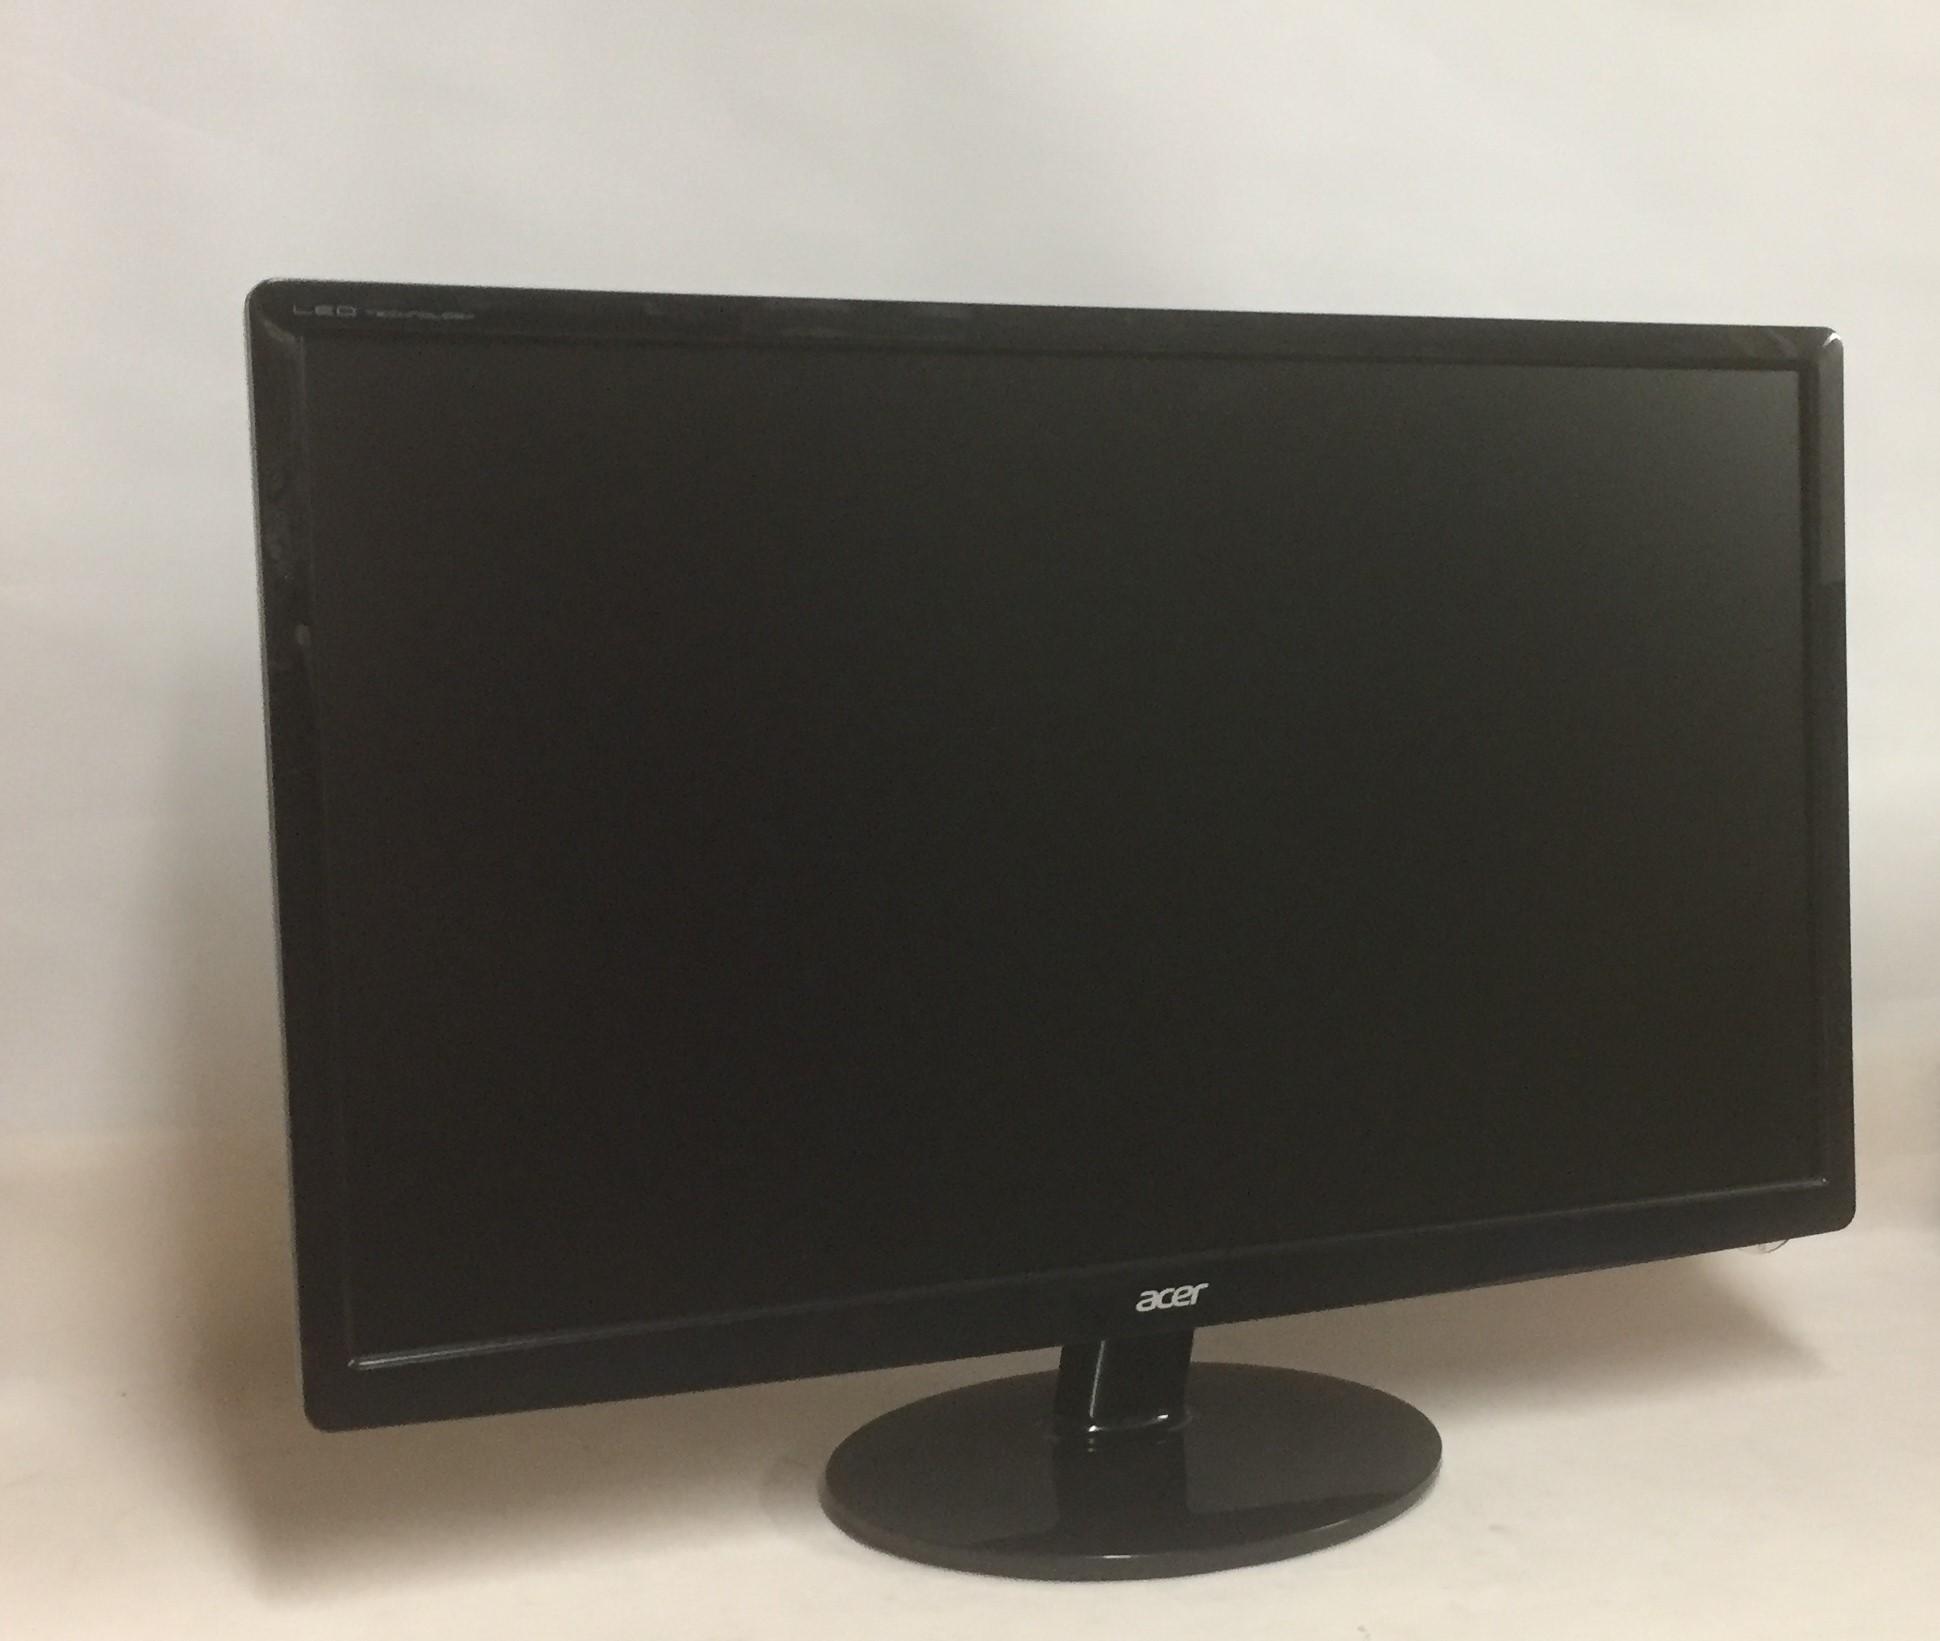 Acer-S241-HL - 132740